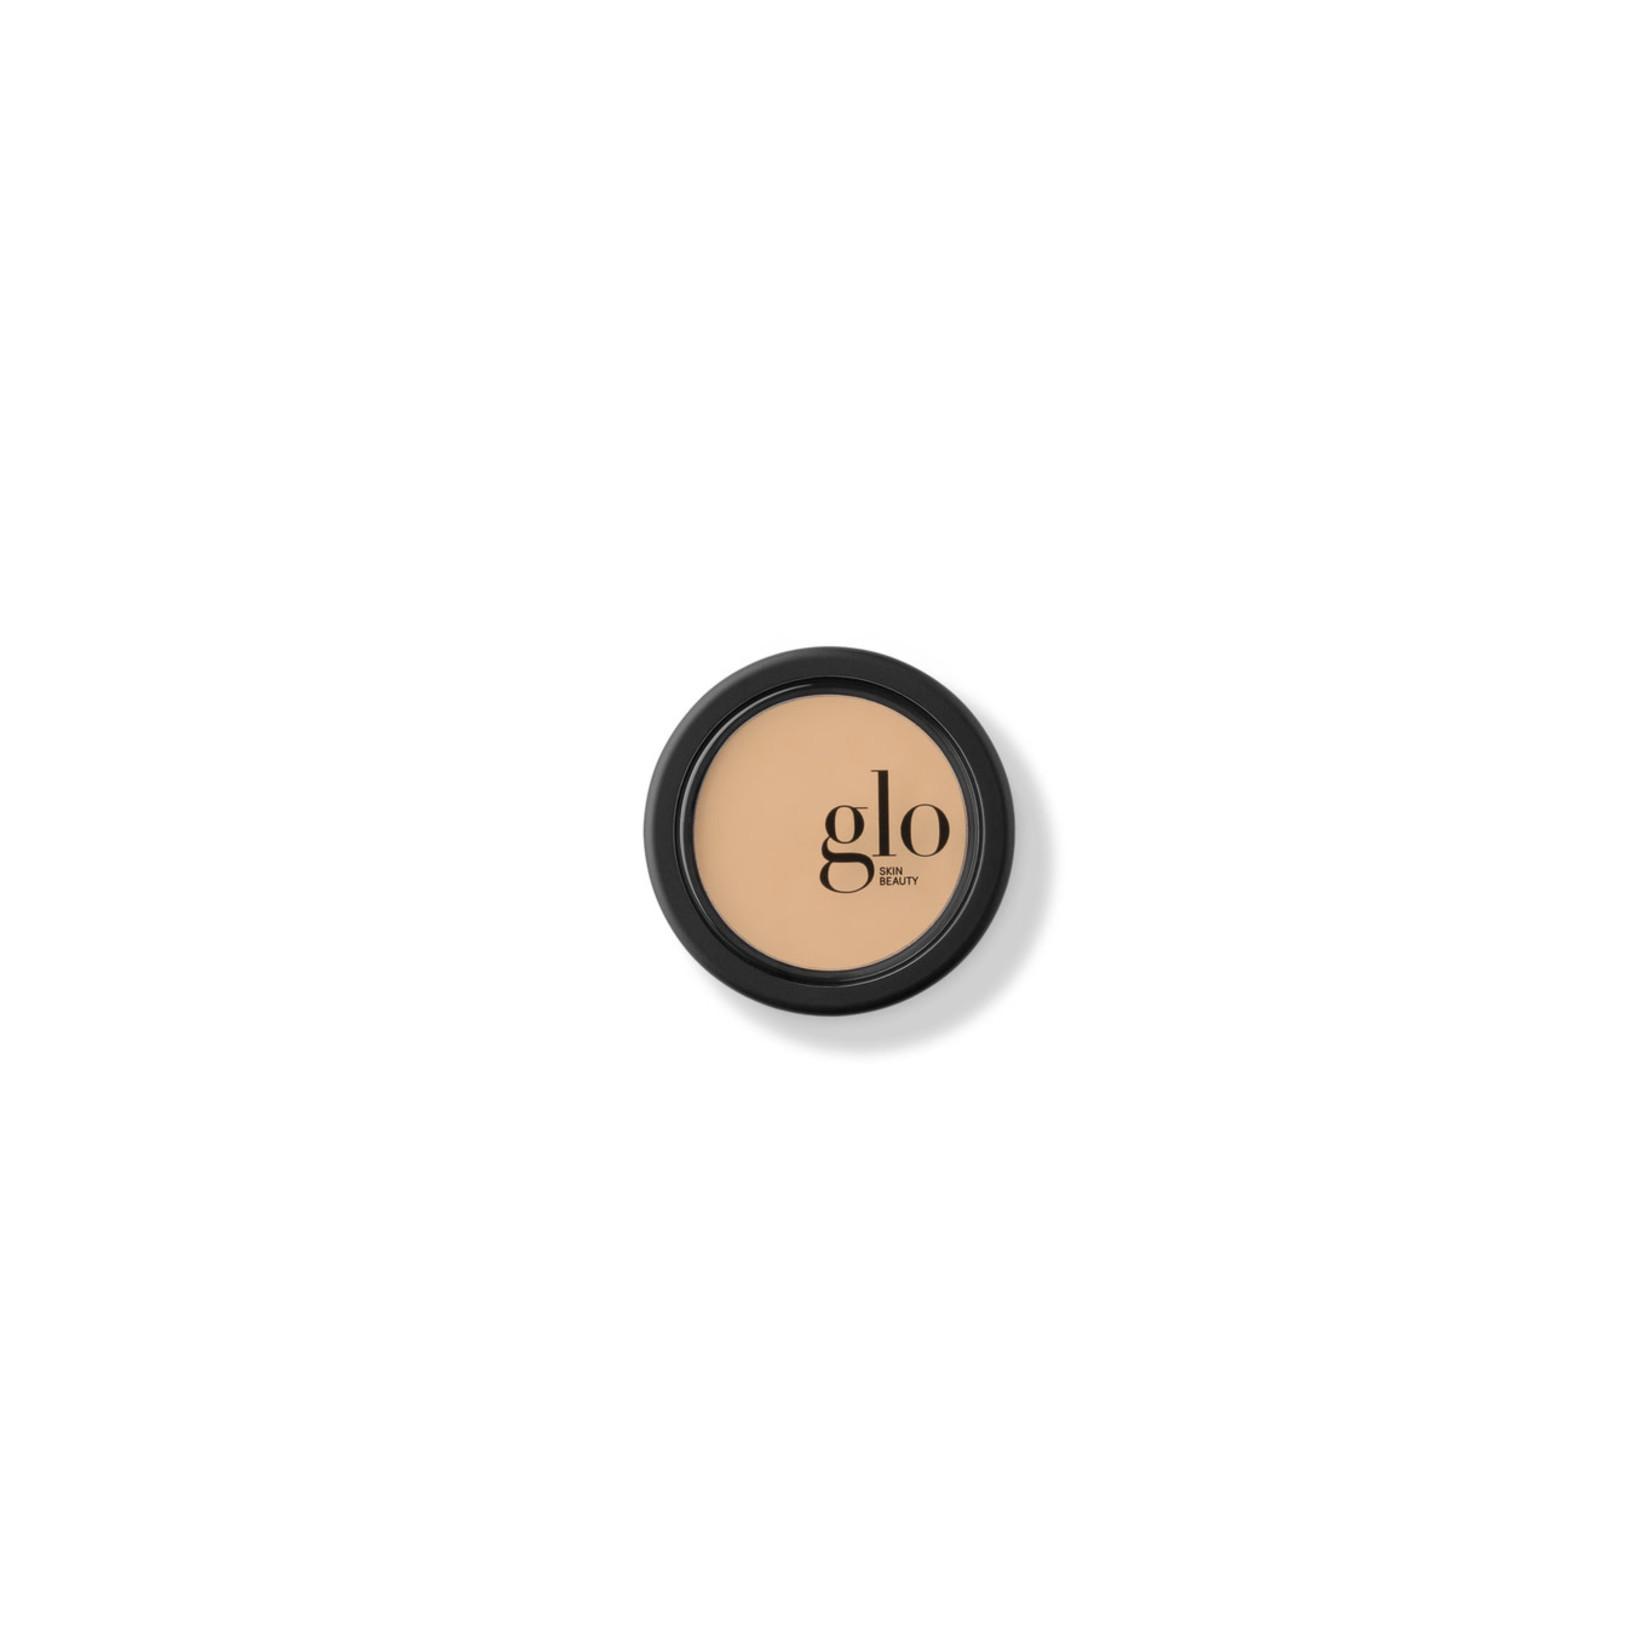 Glo Skin Beauty Oil Free Camouflage